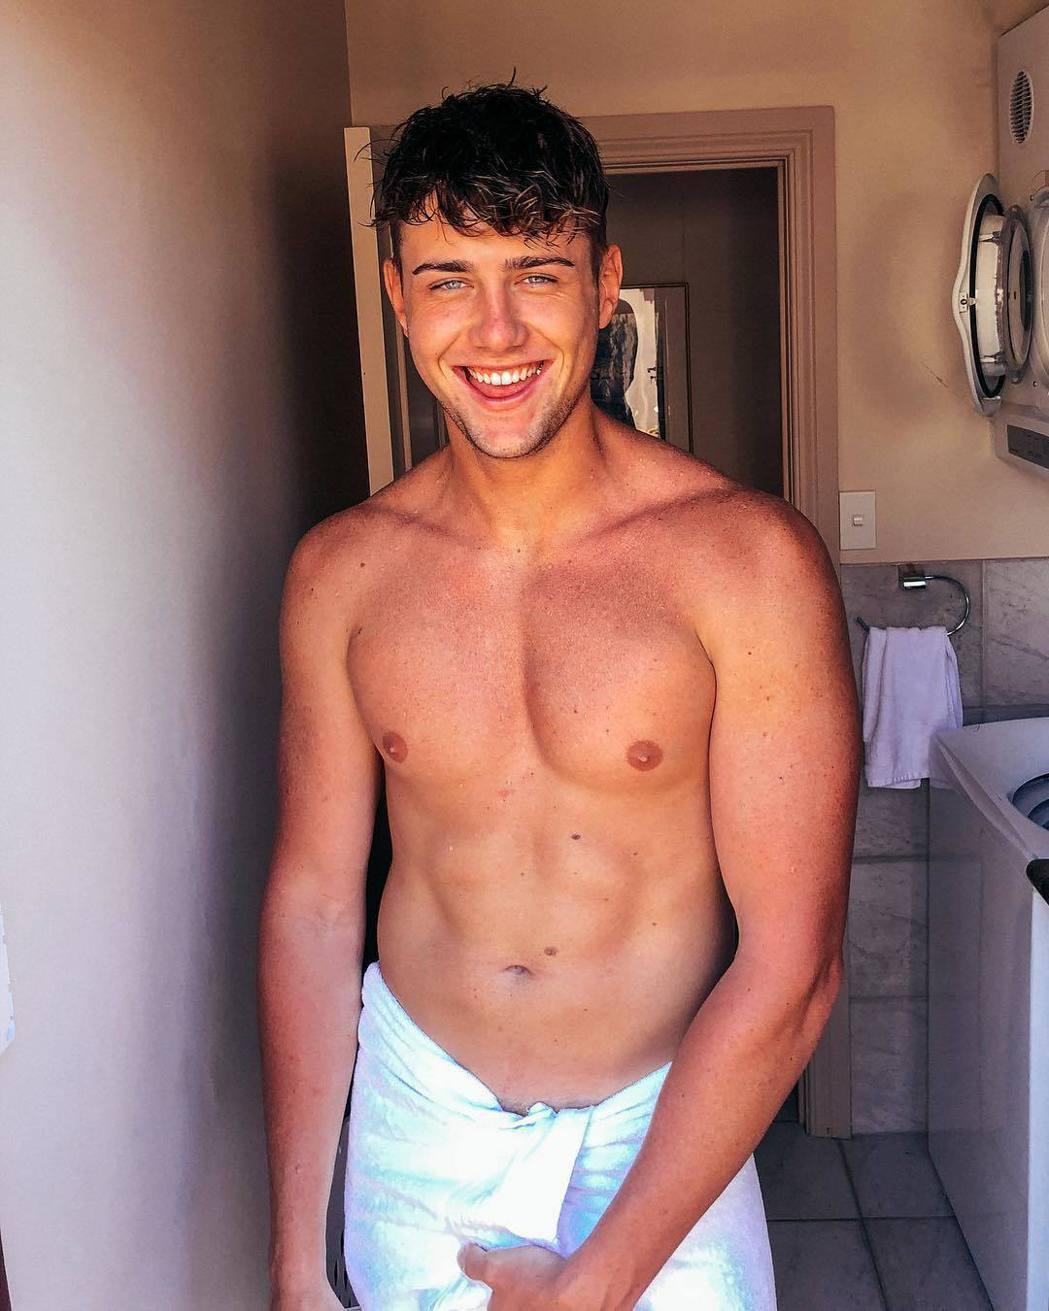 來自澳洲的哈利體格健壯。圖/摘自Instagram